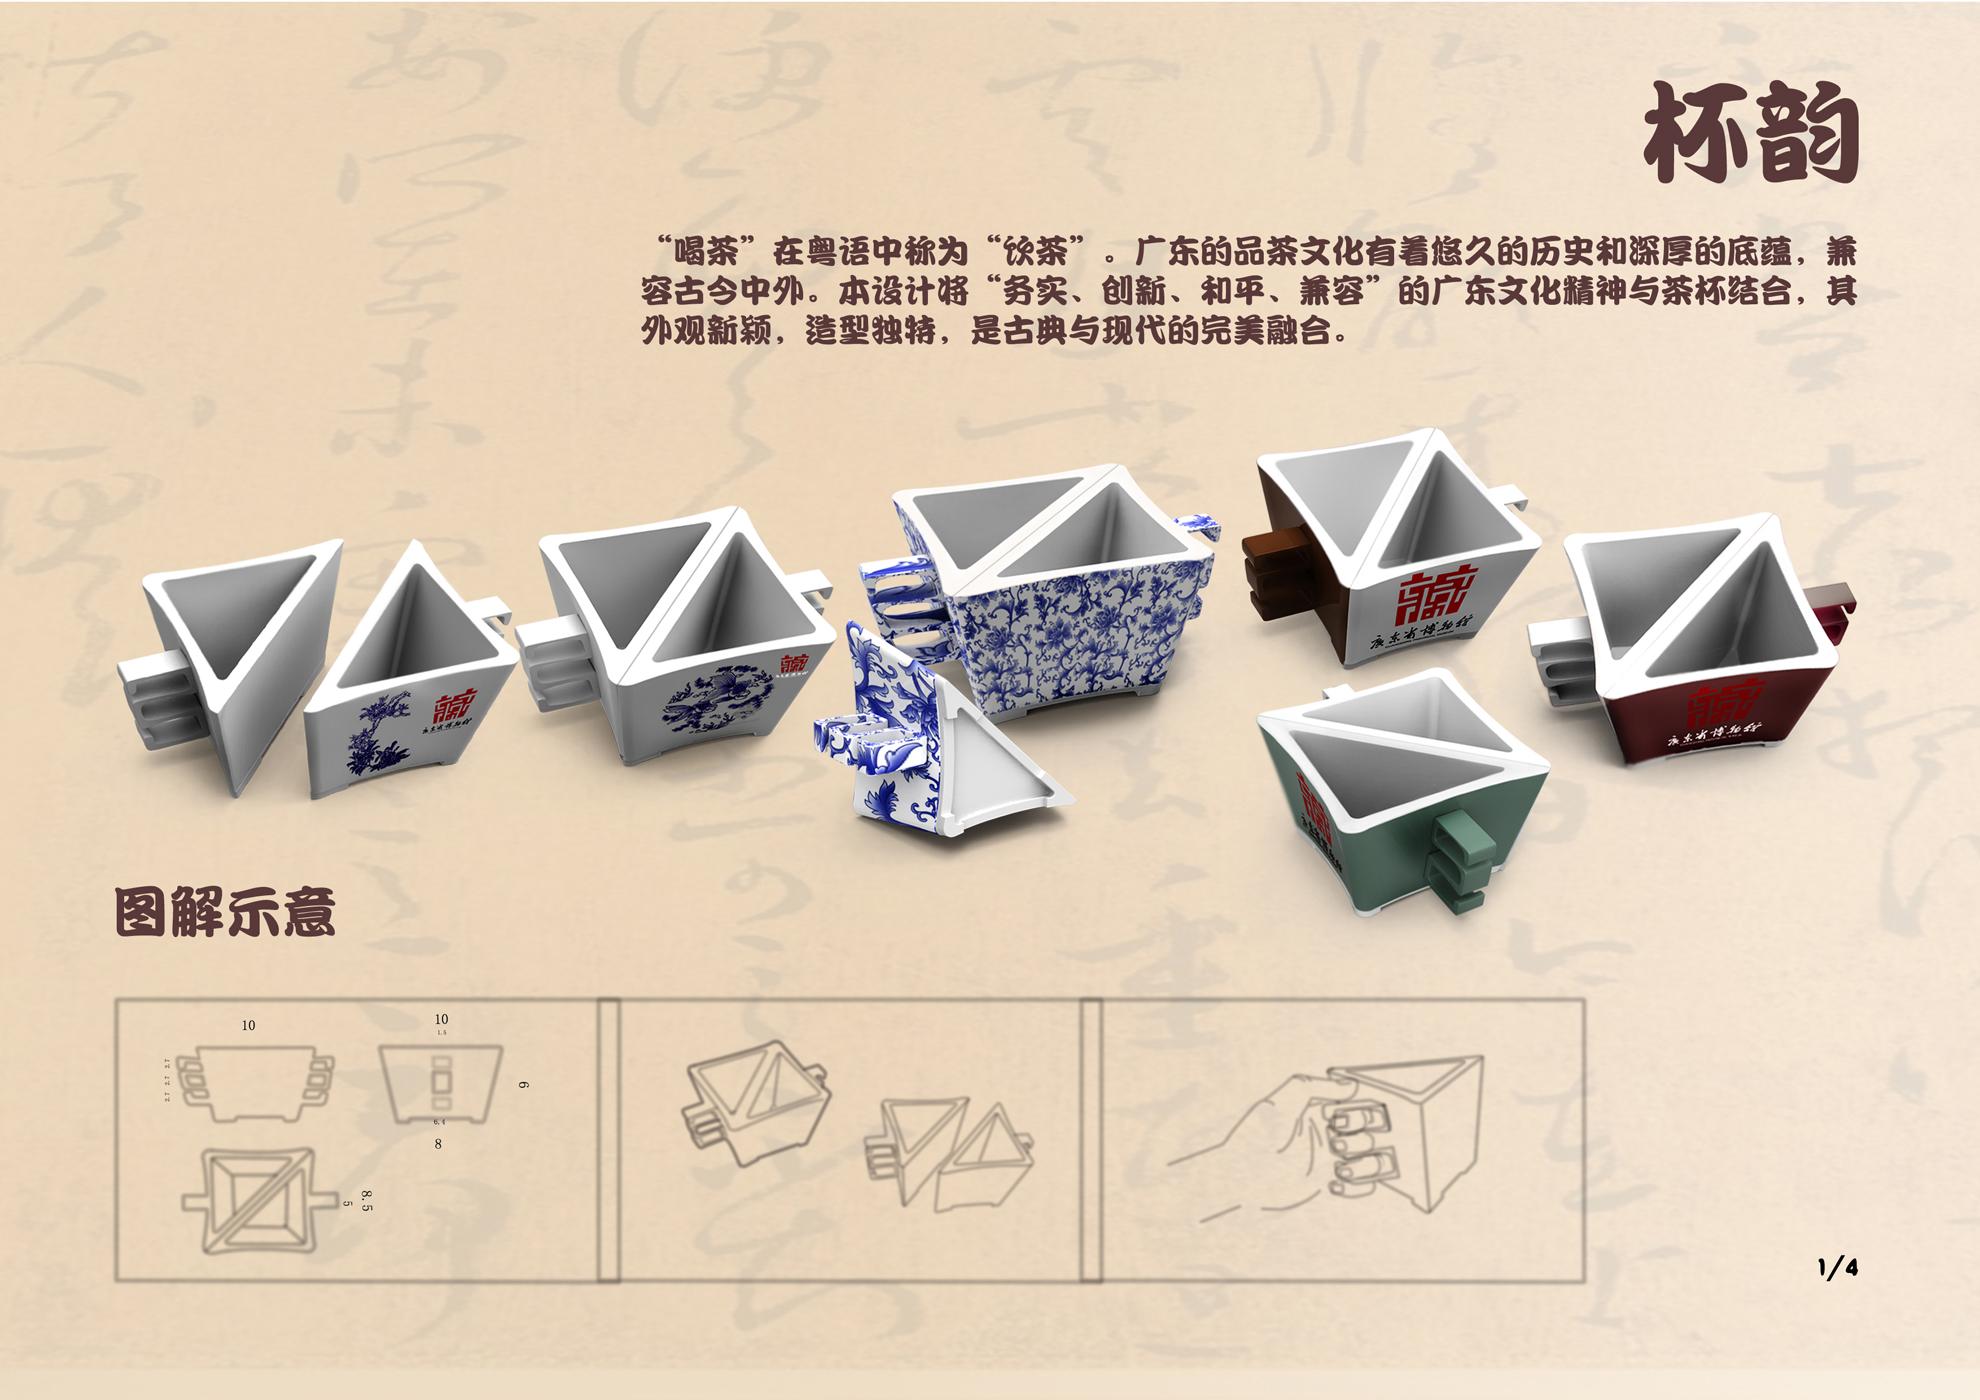 首屆廣東省博物館文化產品創意設計大賽入圍設計作品公示